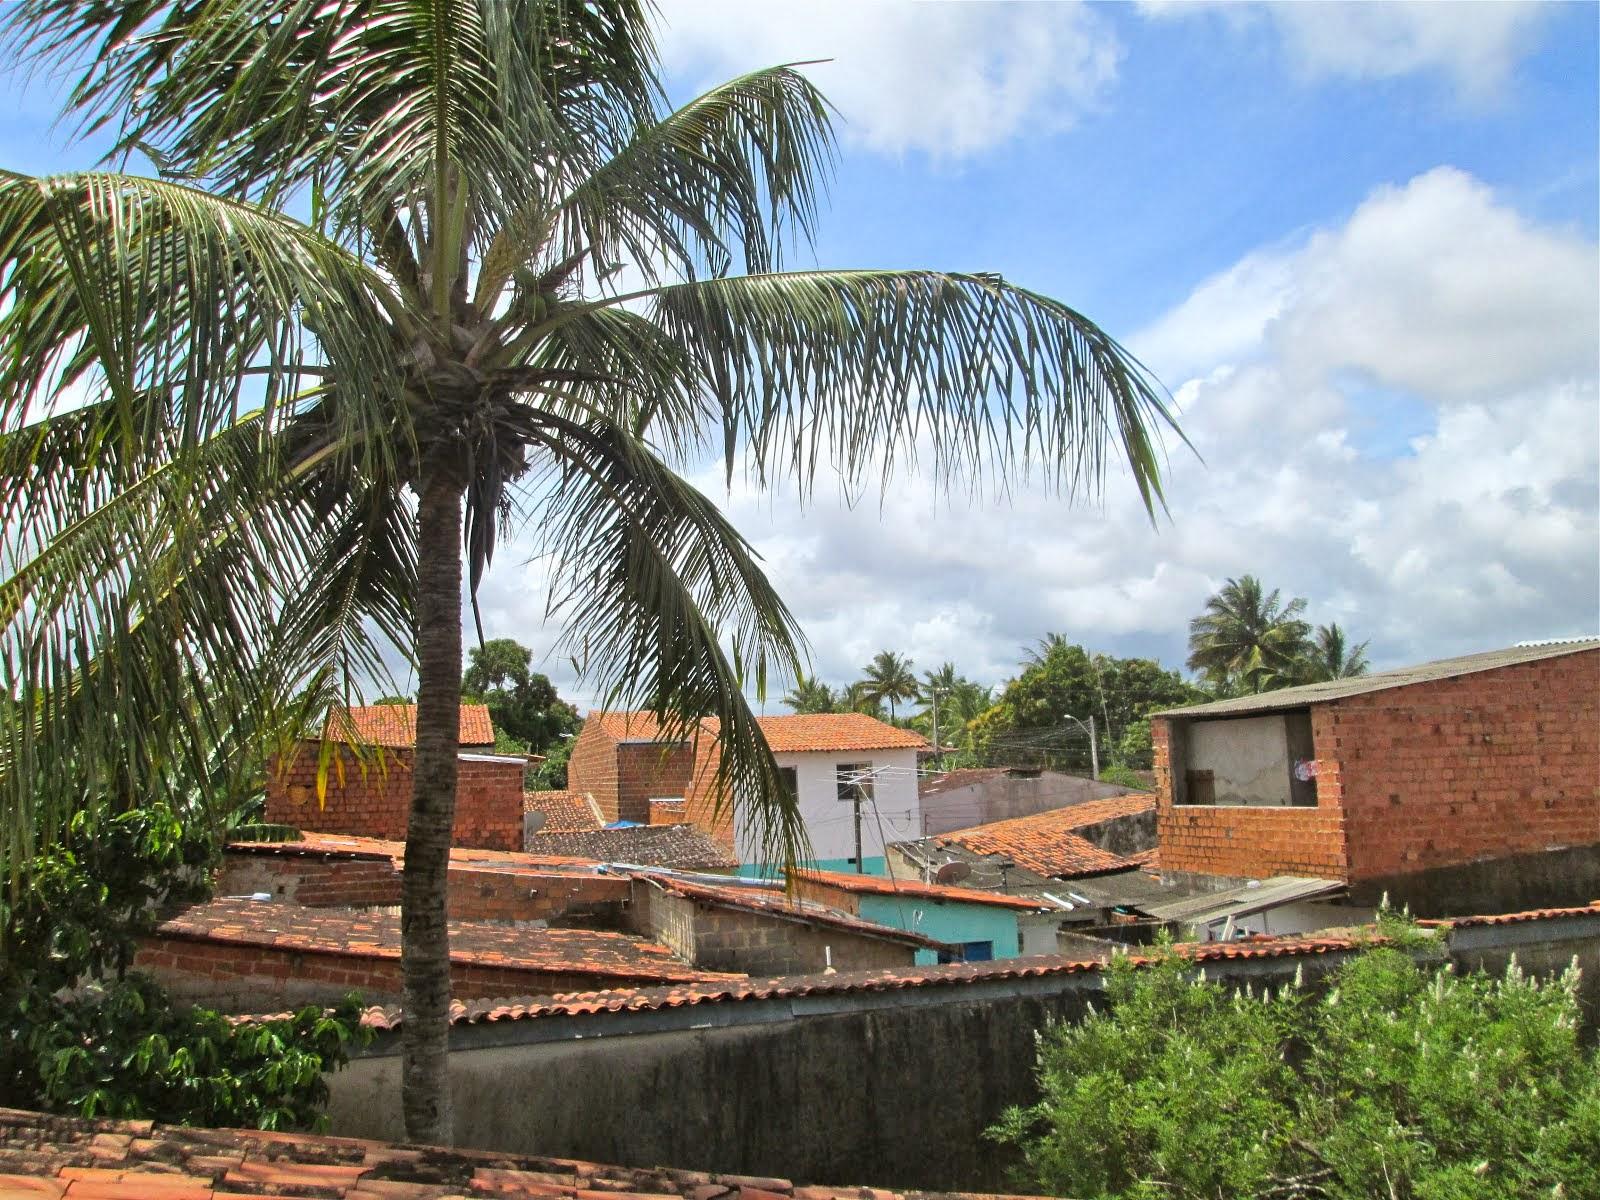 3rd Area Jardim Do Horto Maceió Alagoas  11/4/13